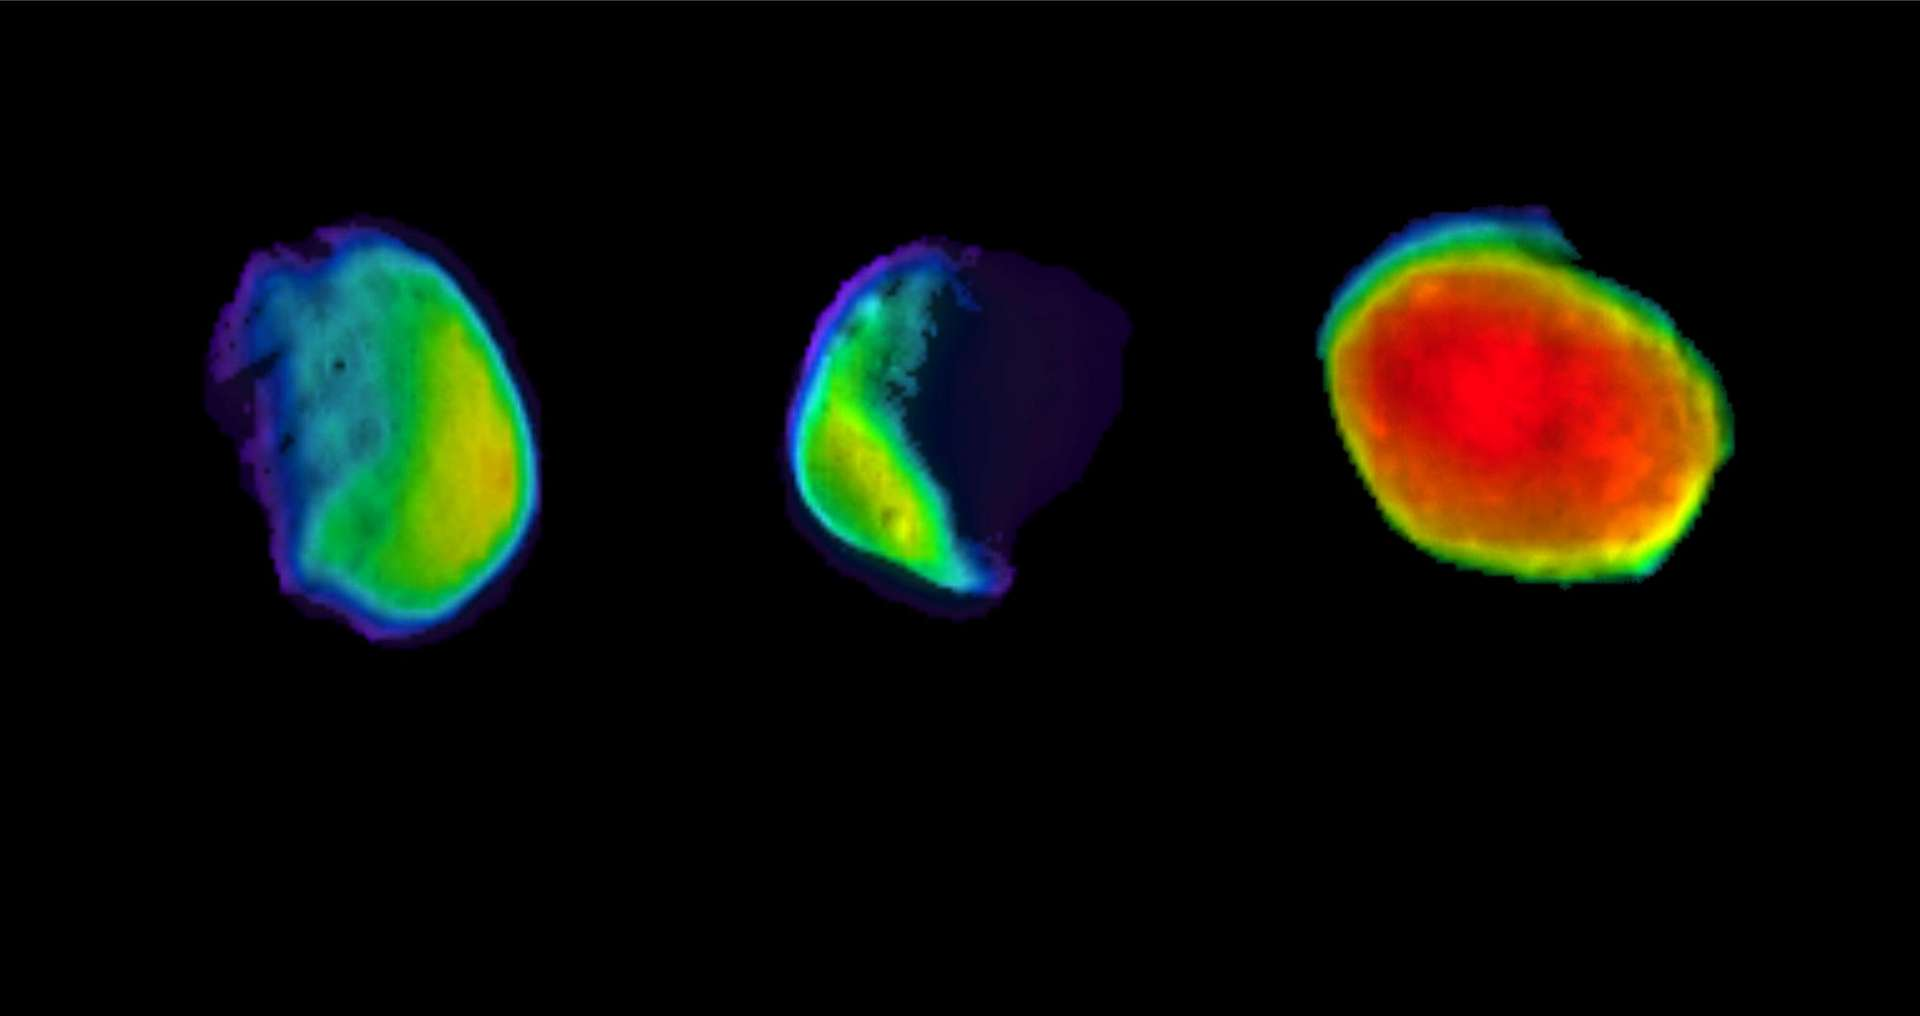 Trois vues de Phobos, lune de Mars, prises en l'espace de trois ans par la caméra infrarouge de la sonde 2001 Mars Odyssey. © NASA/JPL-Caltech/ASU/SSI